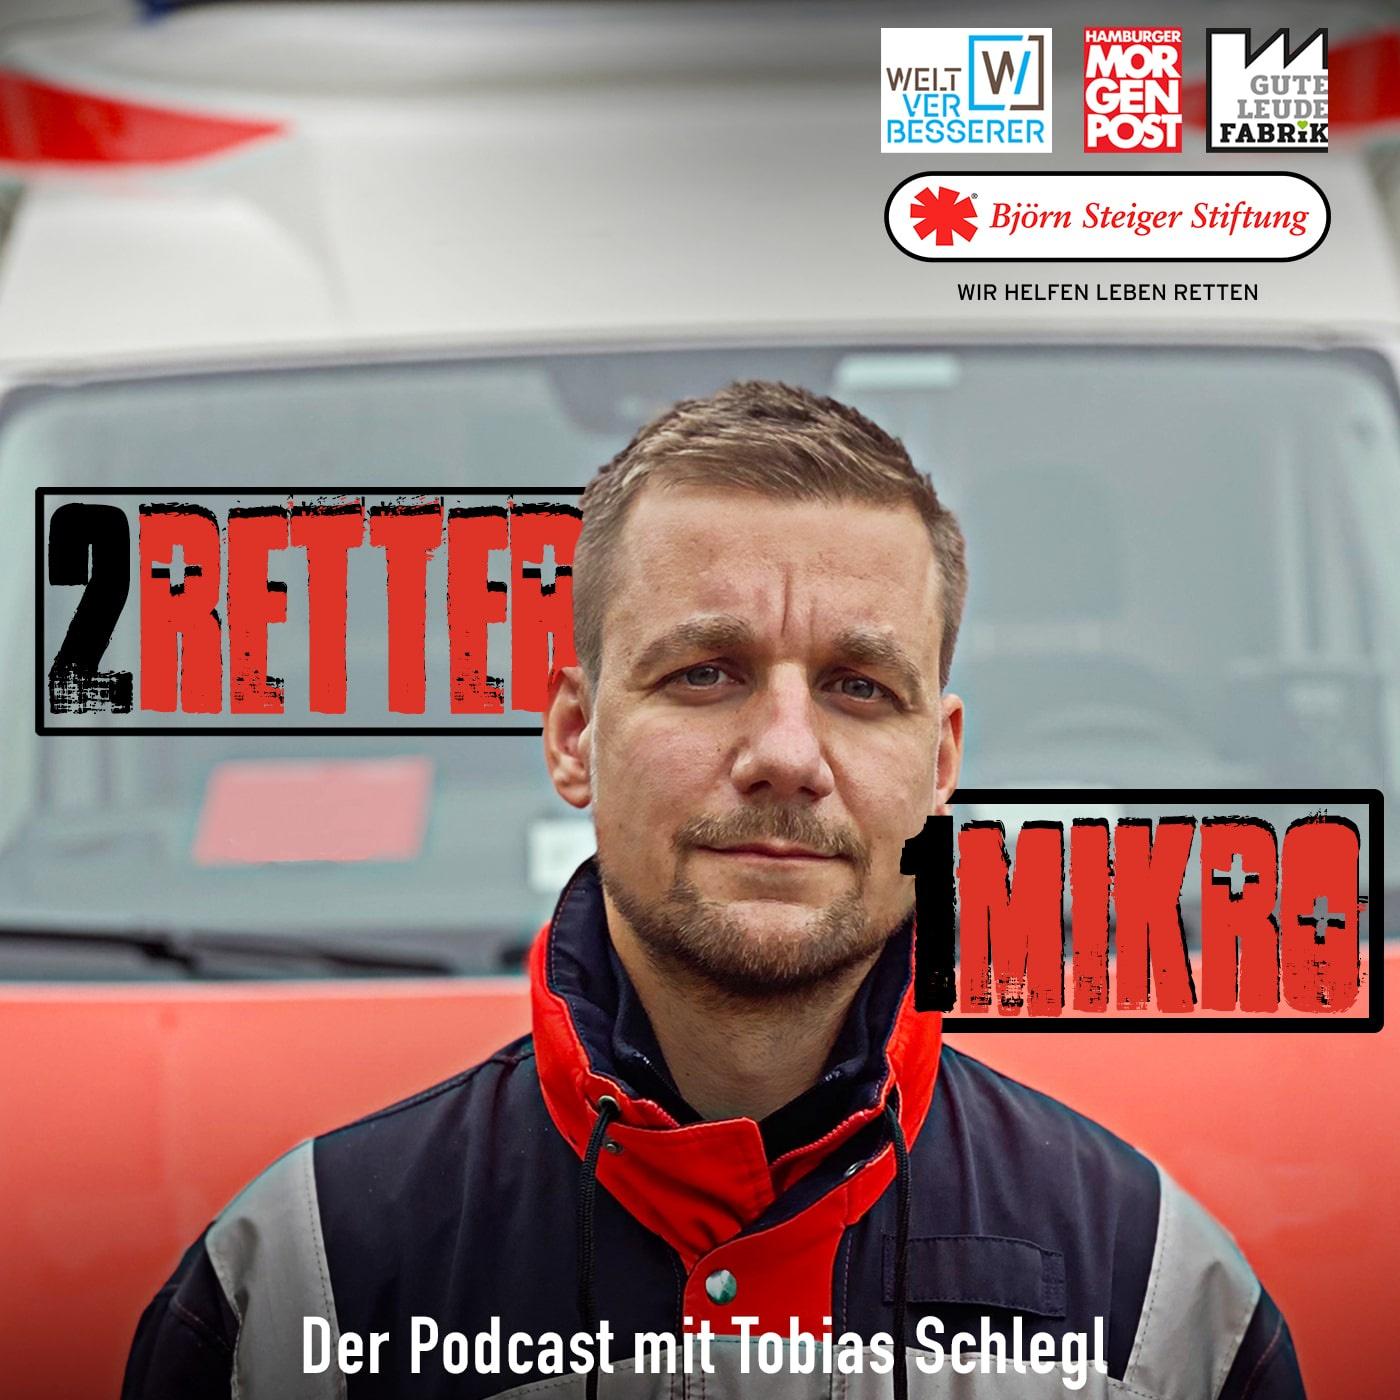 Folge 11 mit Rettungssanitäterin Joanna